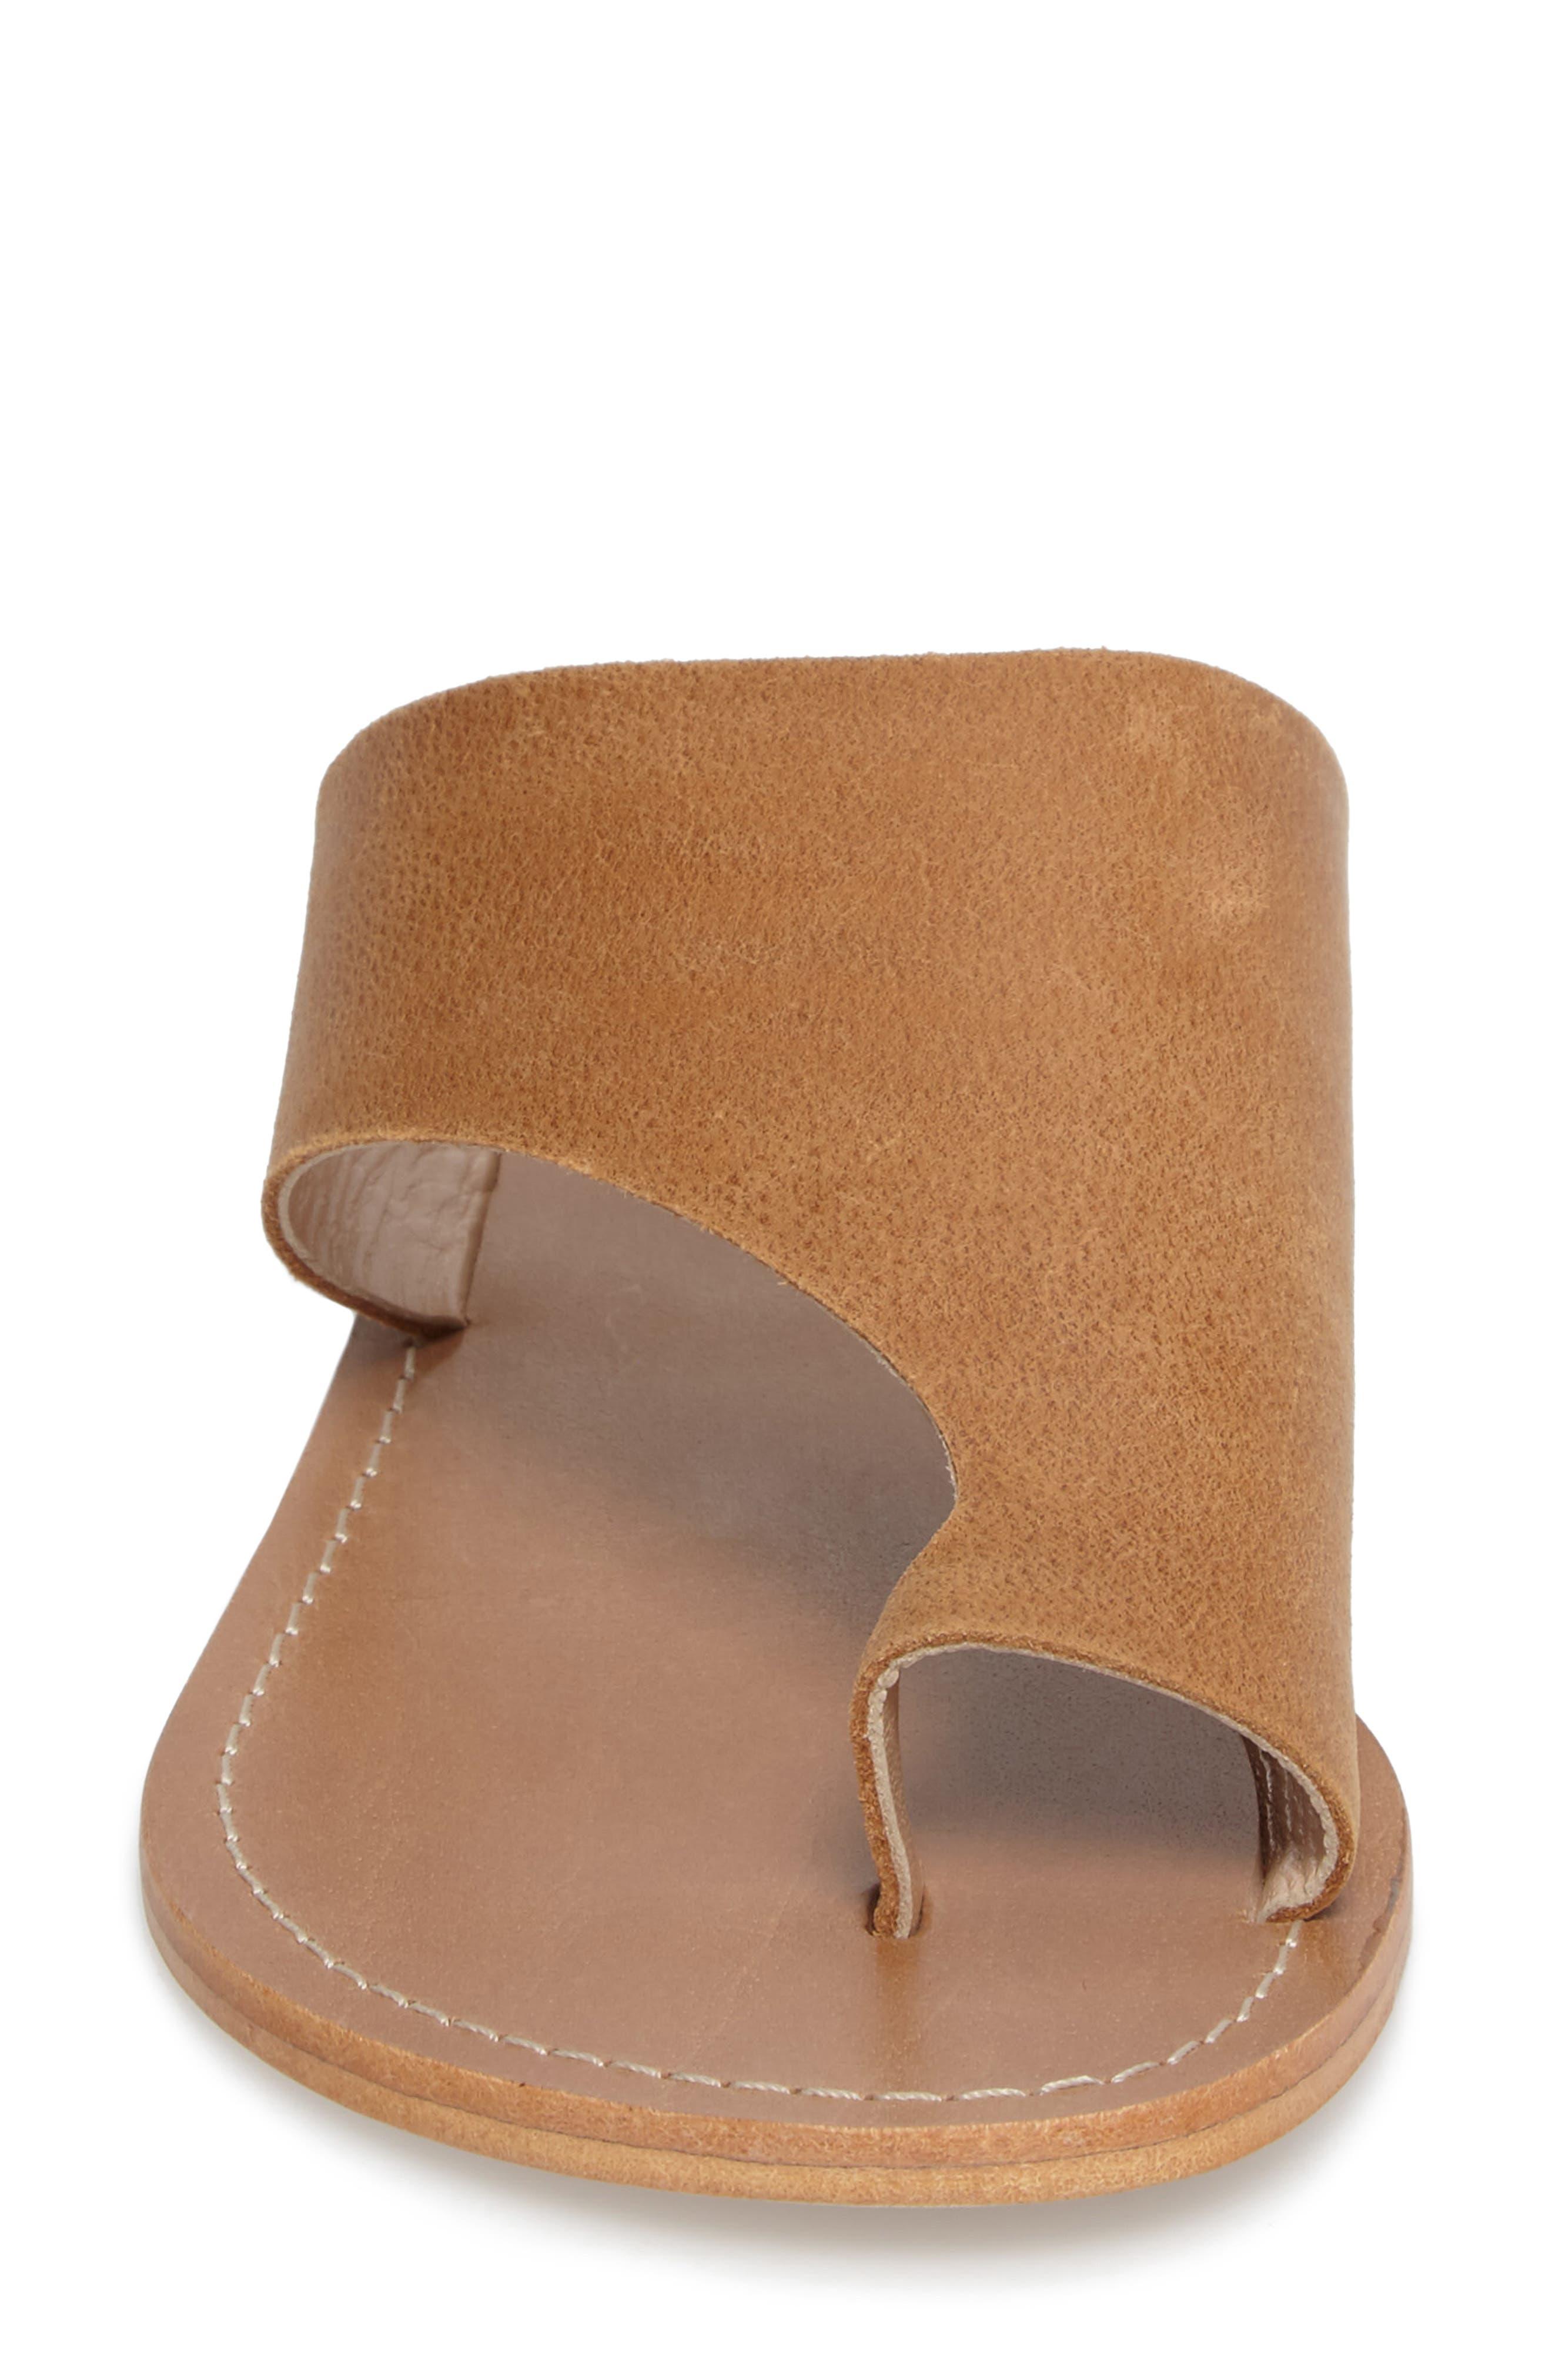 Fleet Slide Sandal,                             Alternate thumbnail 4, color,                             Tan Leather